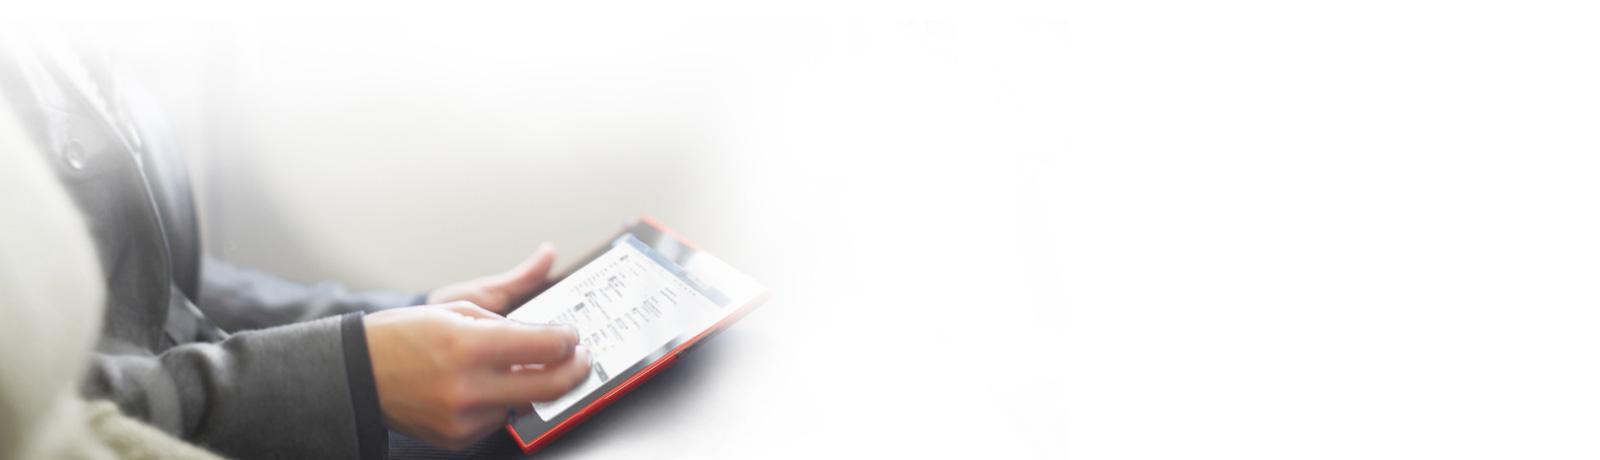 Primo piano di una persona seduta che lavora con un tablet che tiene nella mano sinistra.